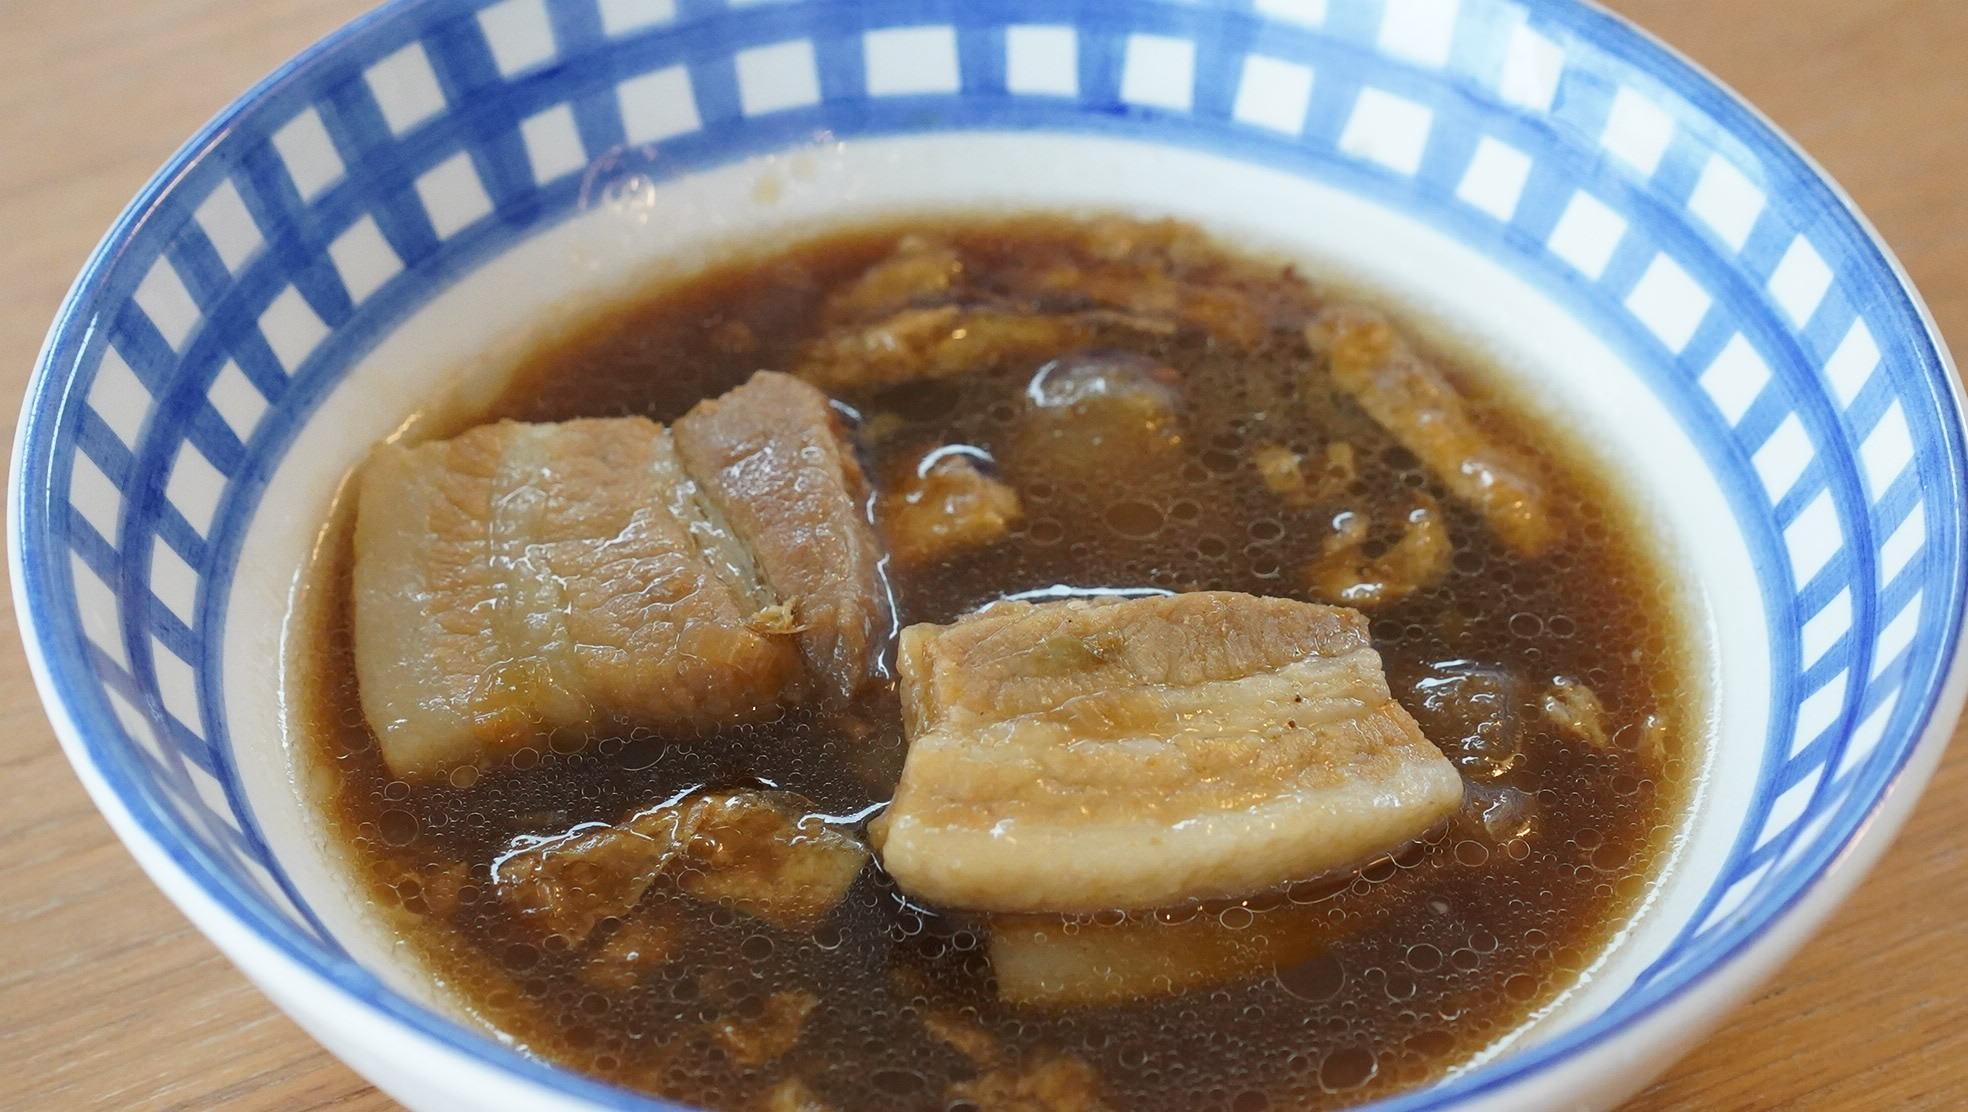 無印良品のおすすめ冷凍食品「バクテー(マレーシア風豚肉の煮込み)」の写真